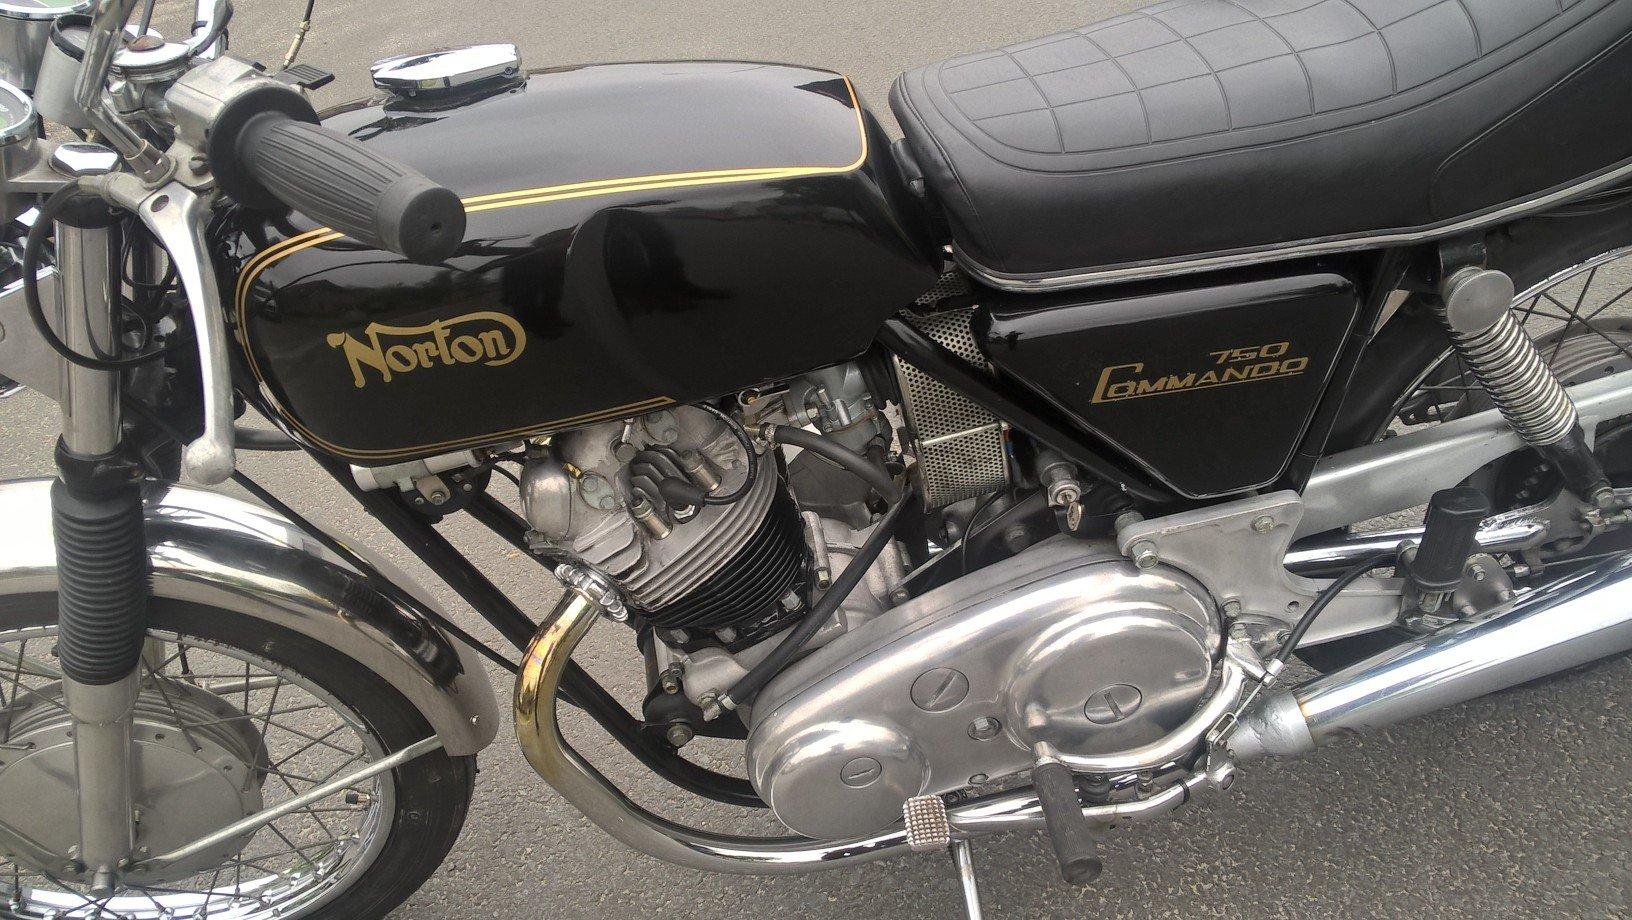 Norton commando 1971 For Sale (picture 6 of 6)